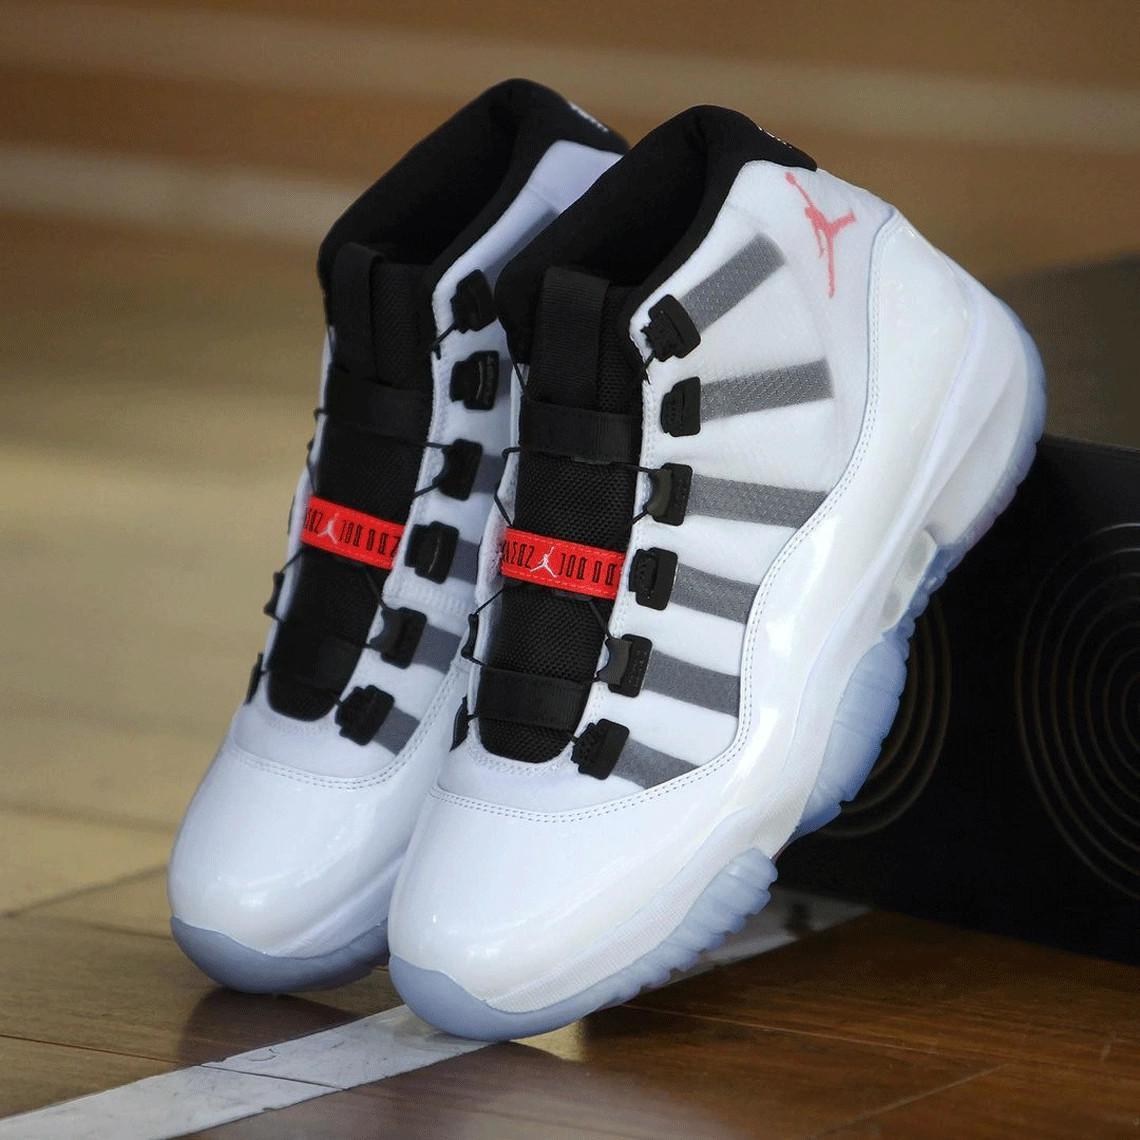 Air Jordan 11 Adapt sortiront le 30 décembre